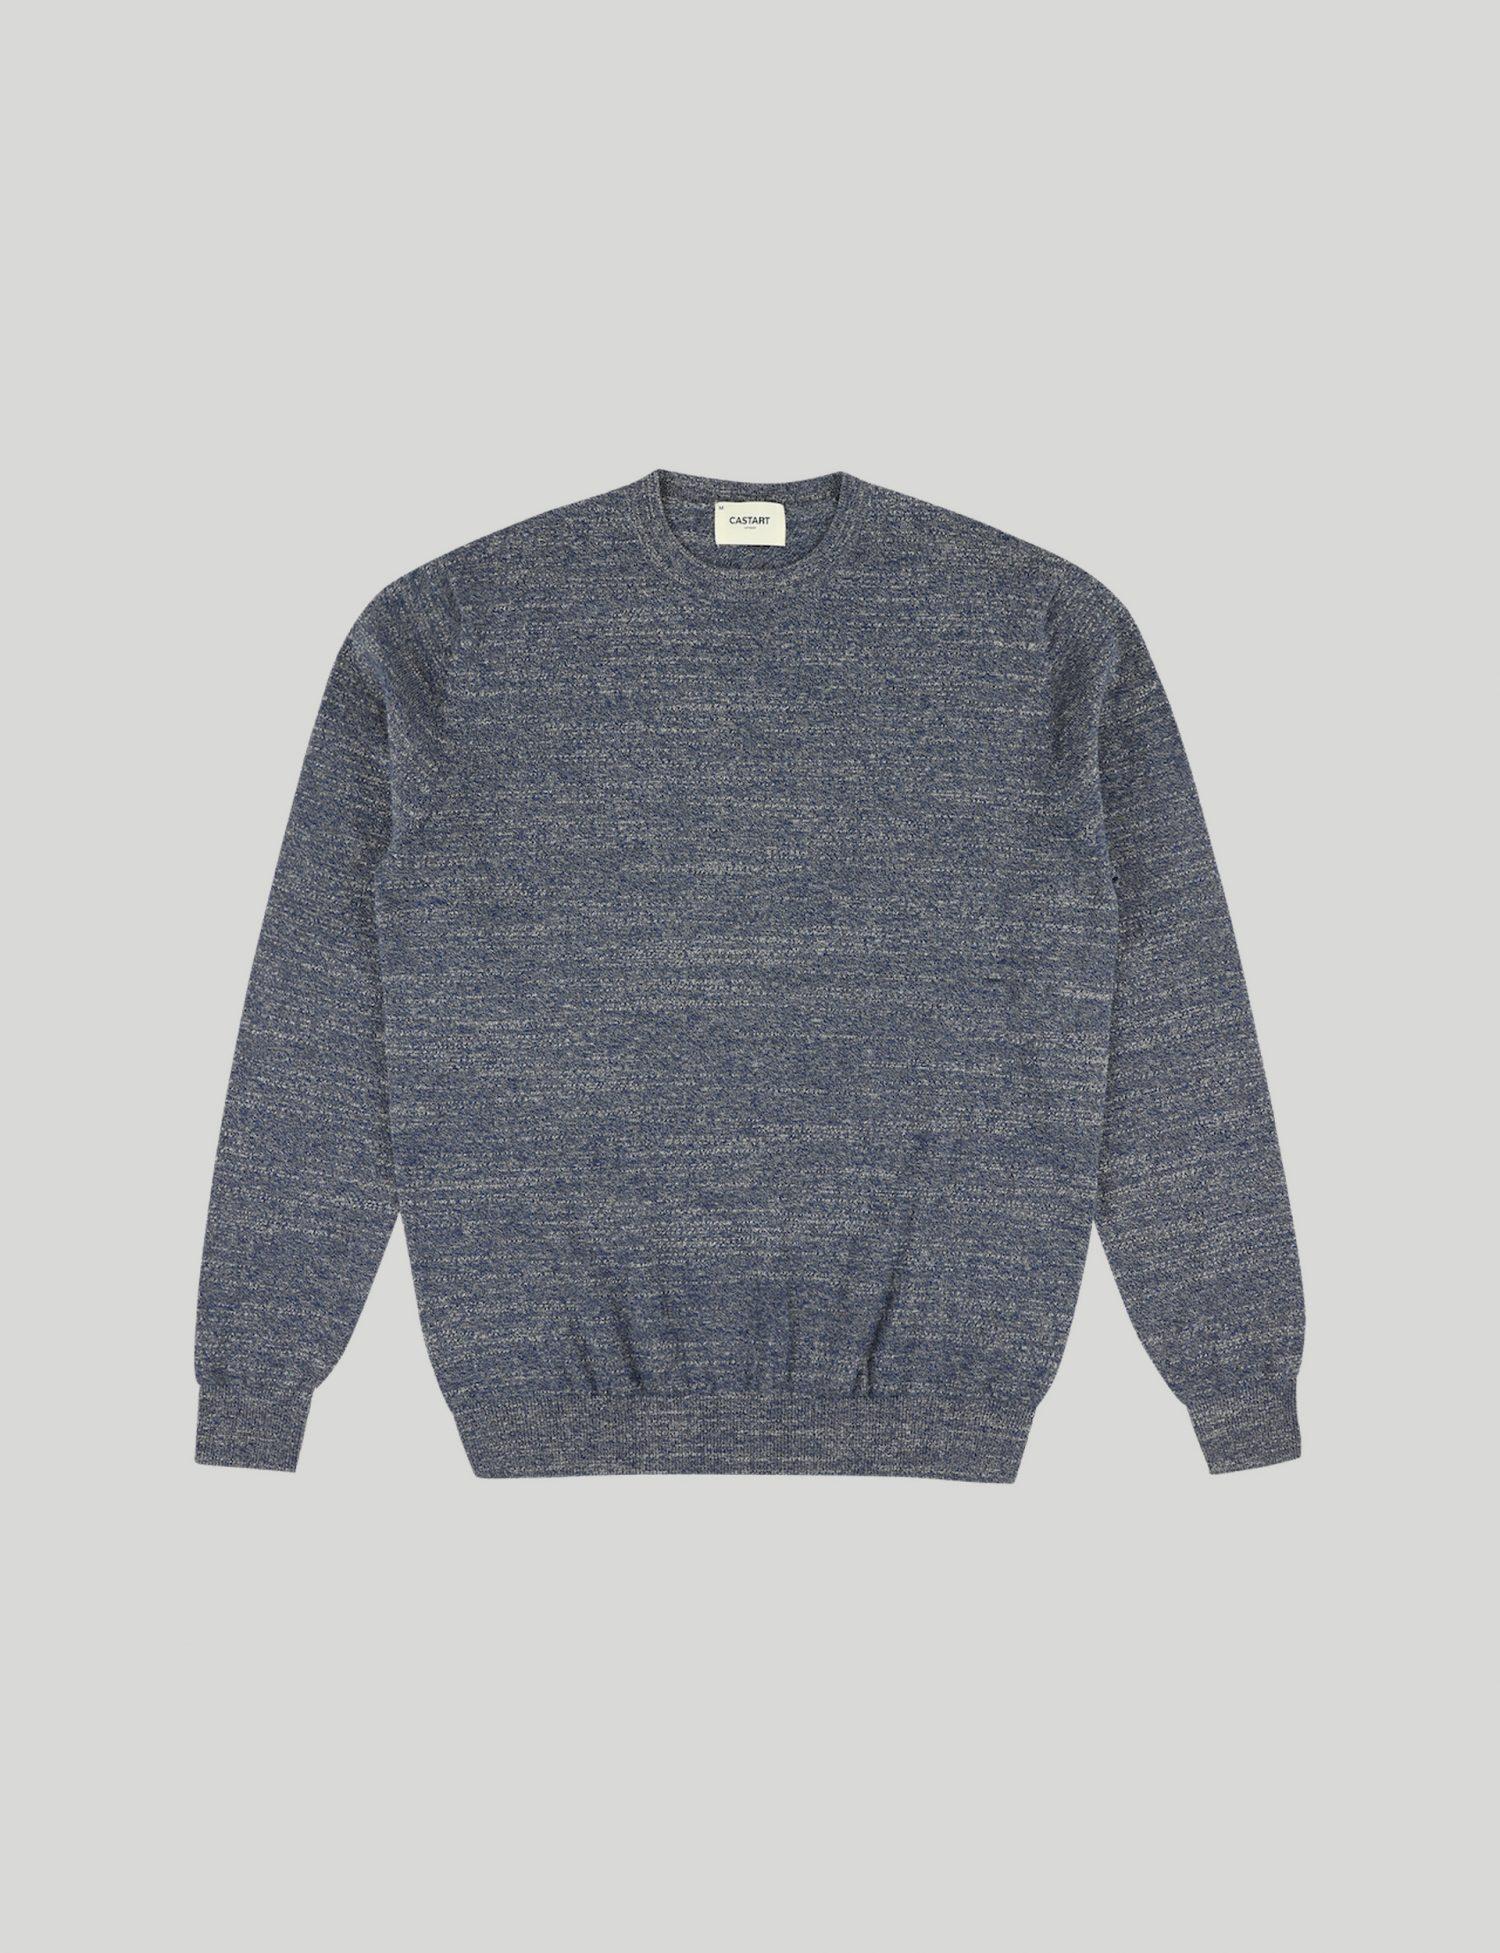 Castart - Heckel Knitwear - Navy